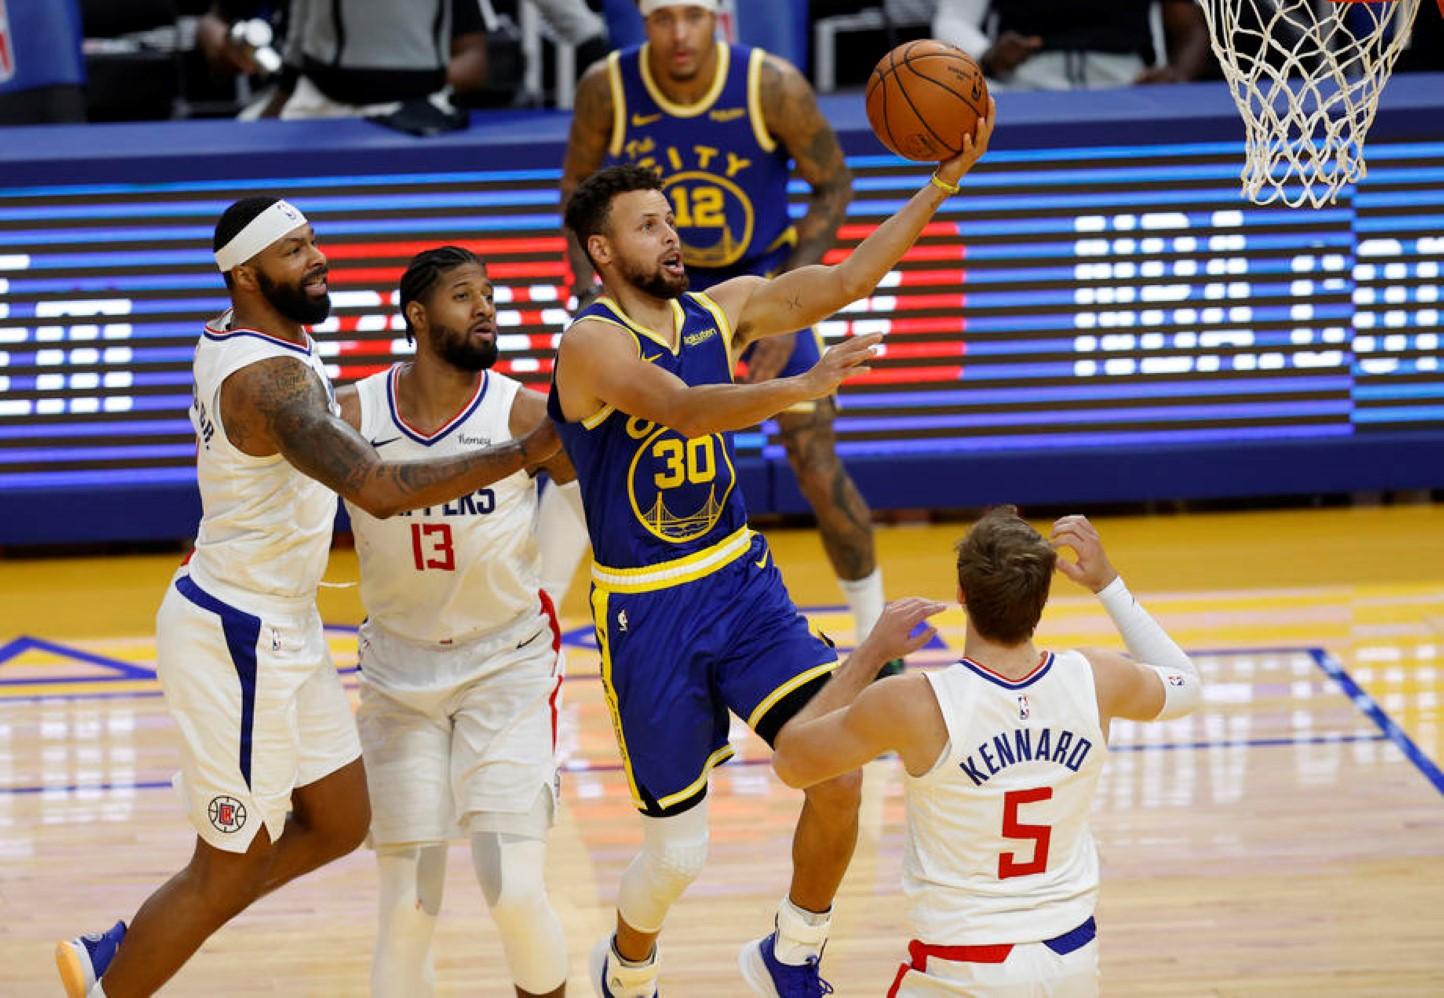 Rezultati košarkaške NBA lige